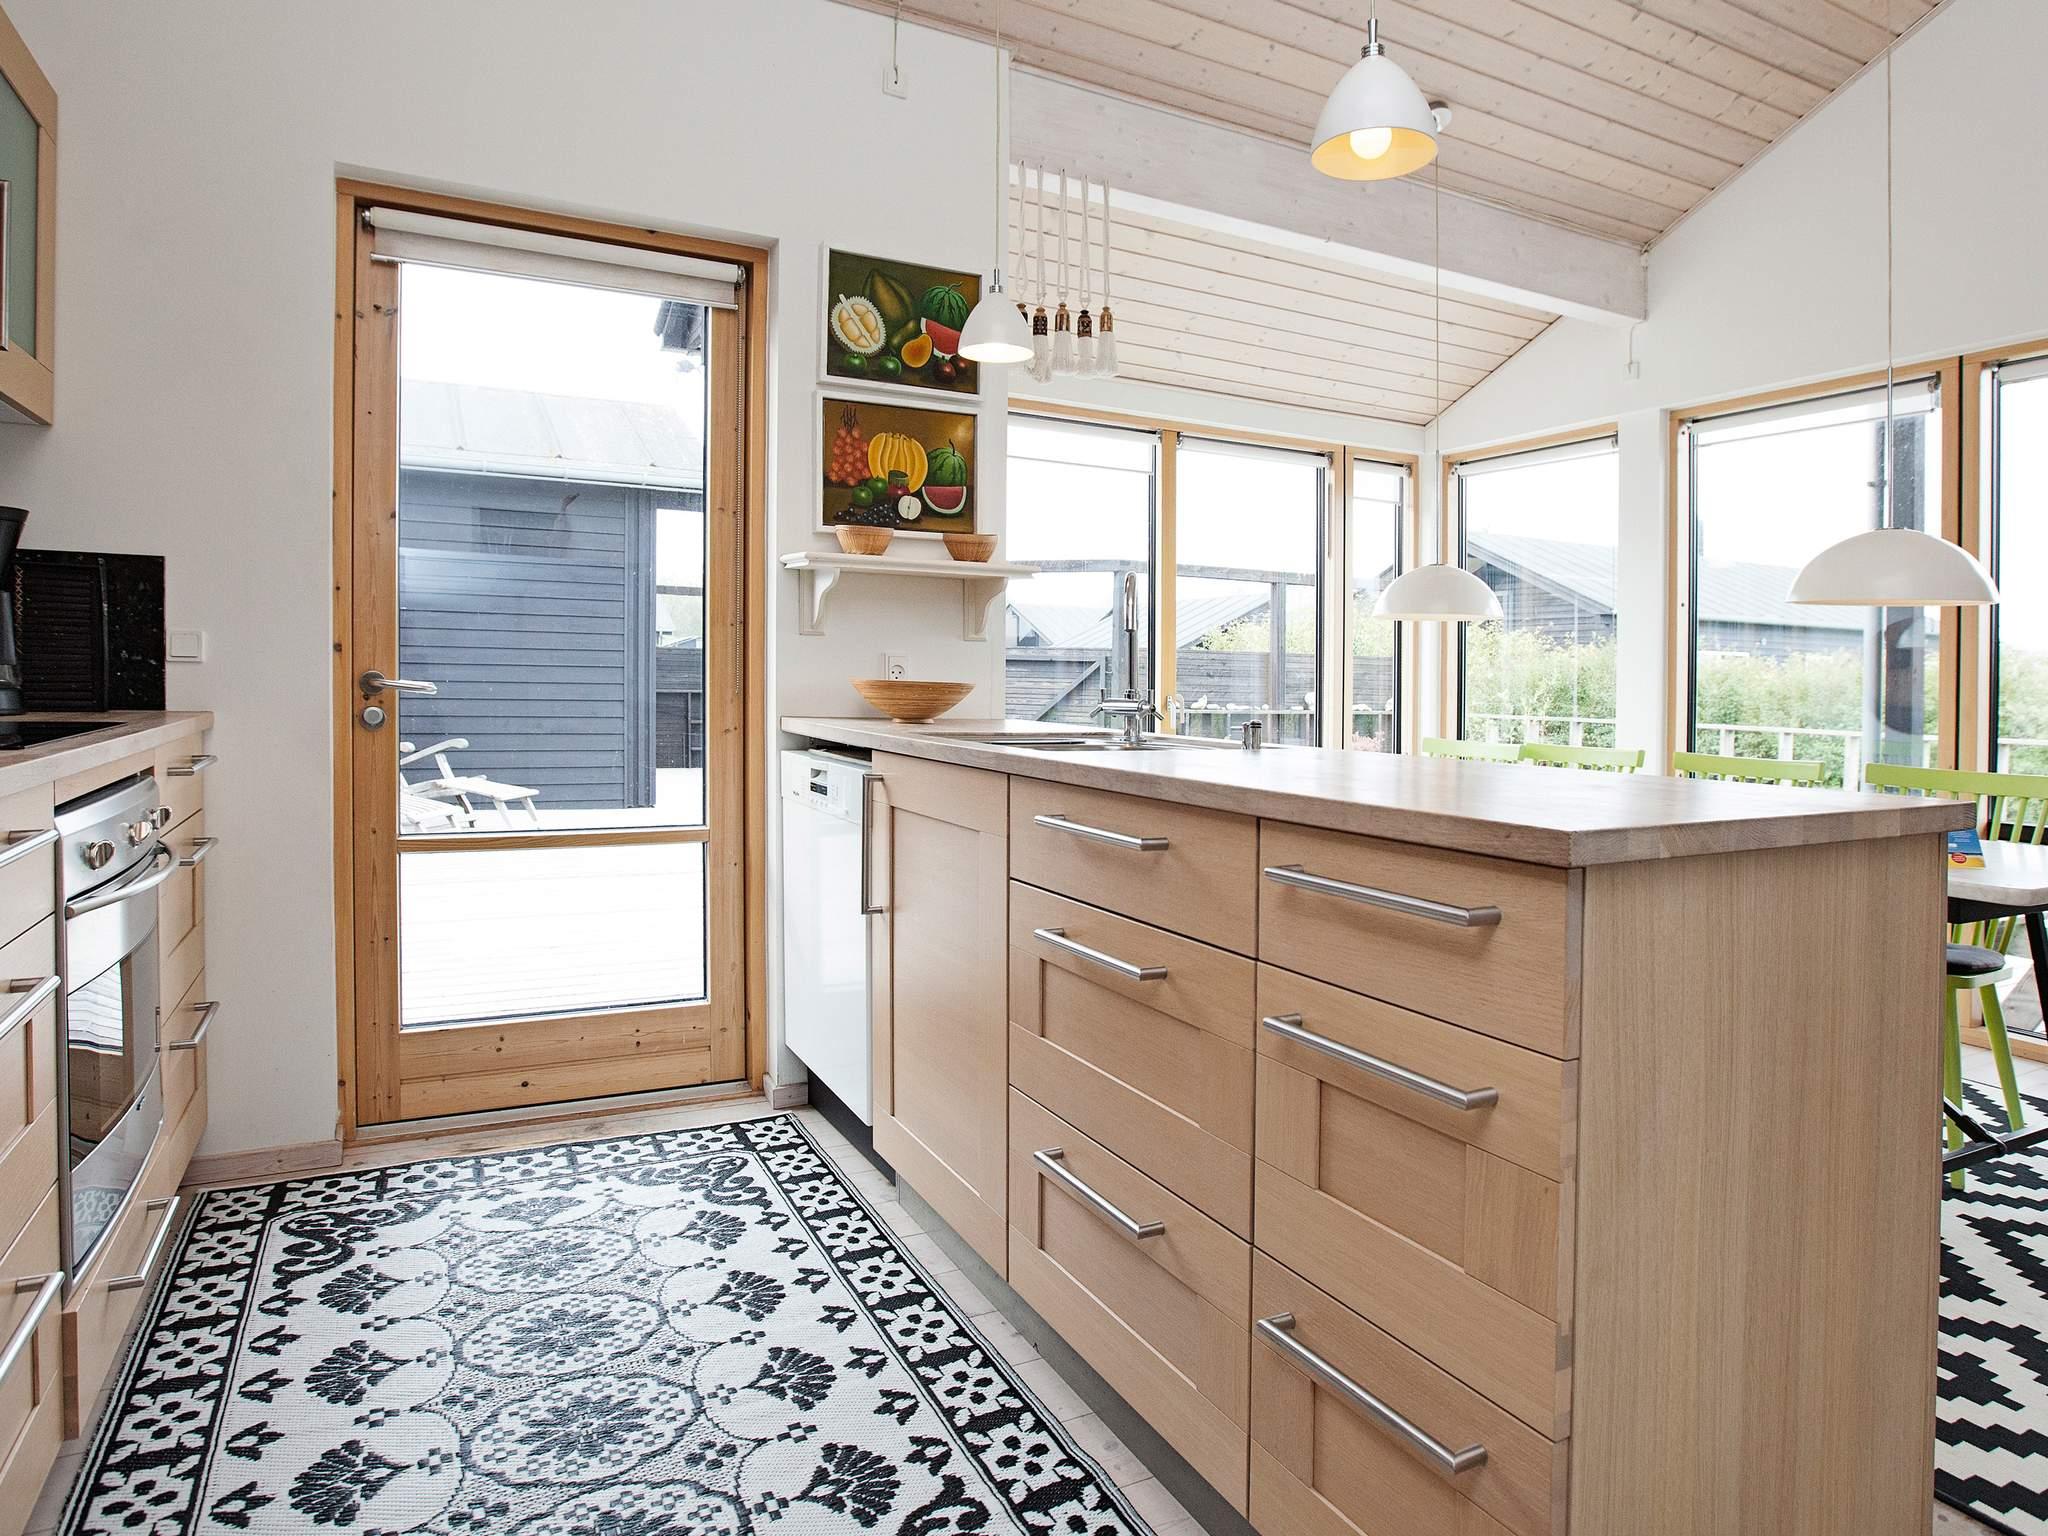 Ferienhaus Ulvshale (216908), Stege, , Møn, Dänemark, Bild 7